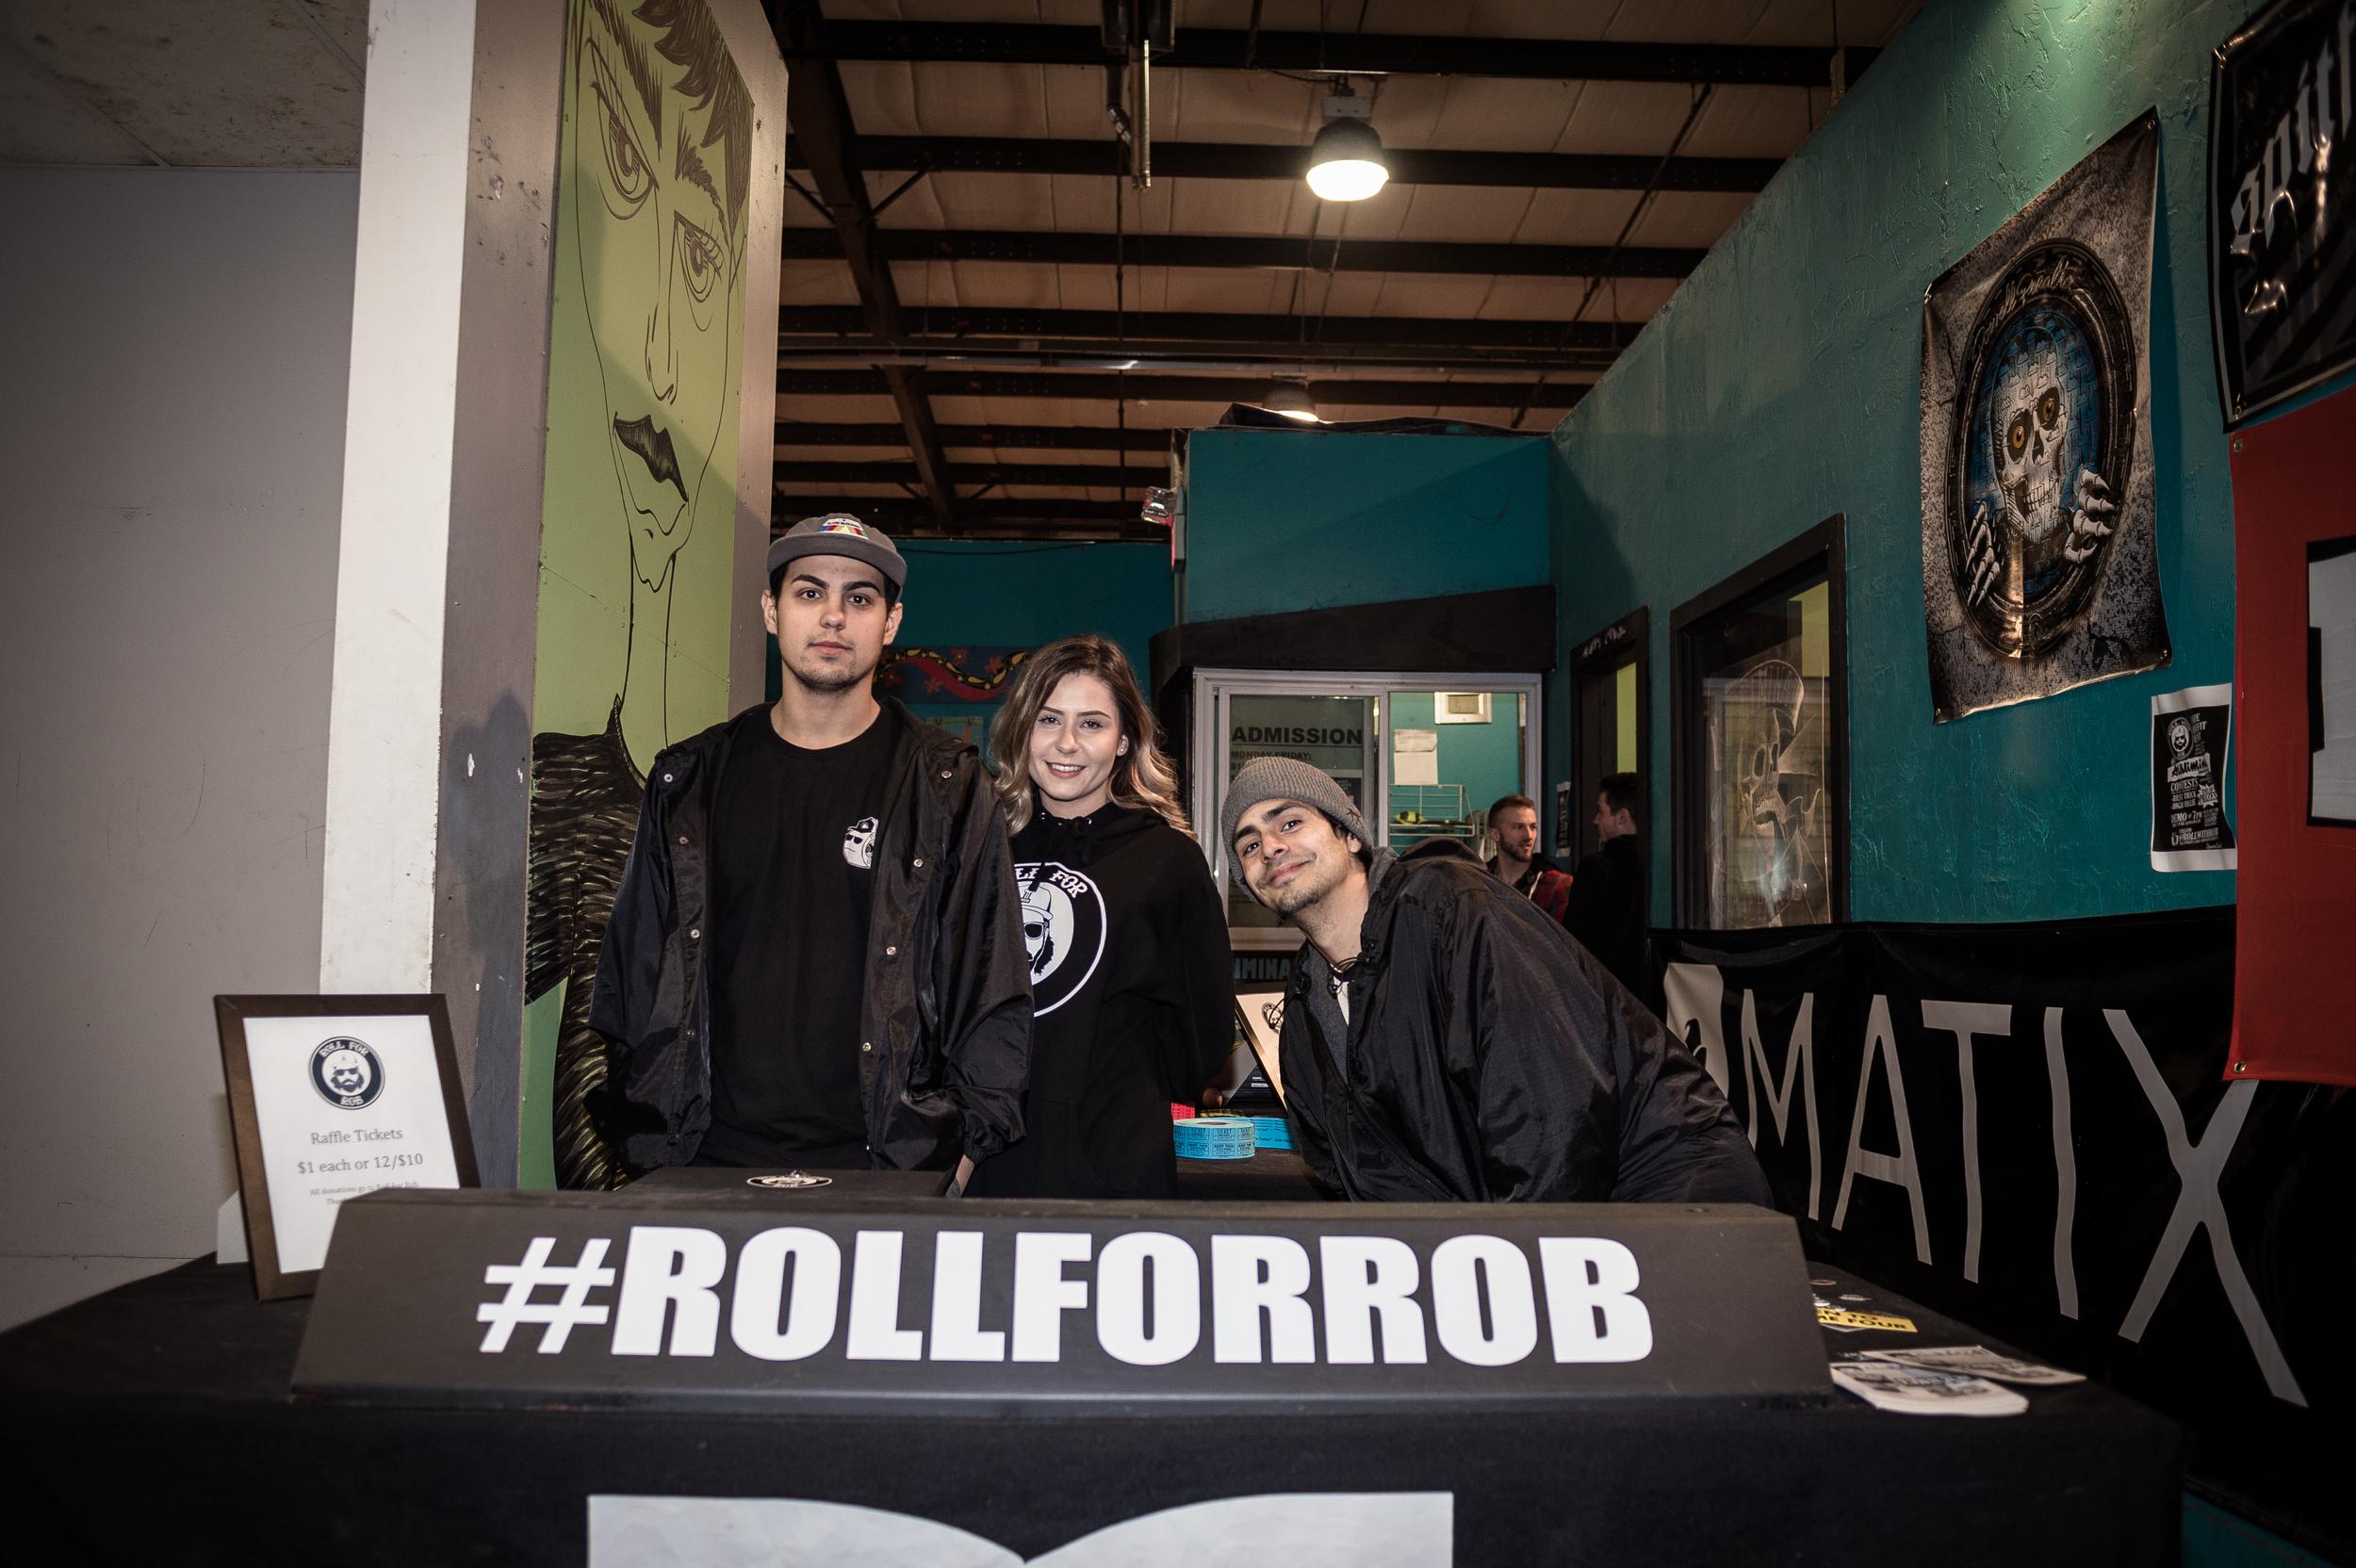 RollForRob-PhotoByRobCollins-2.jpg